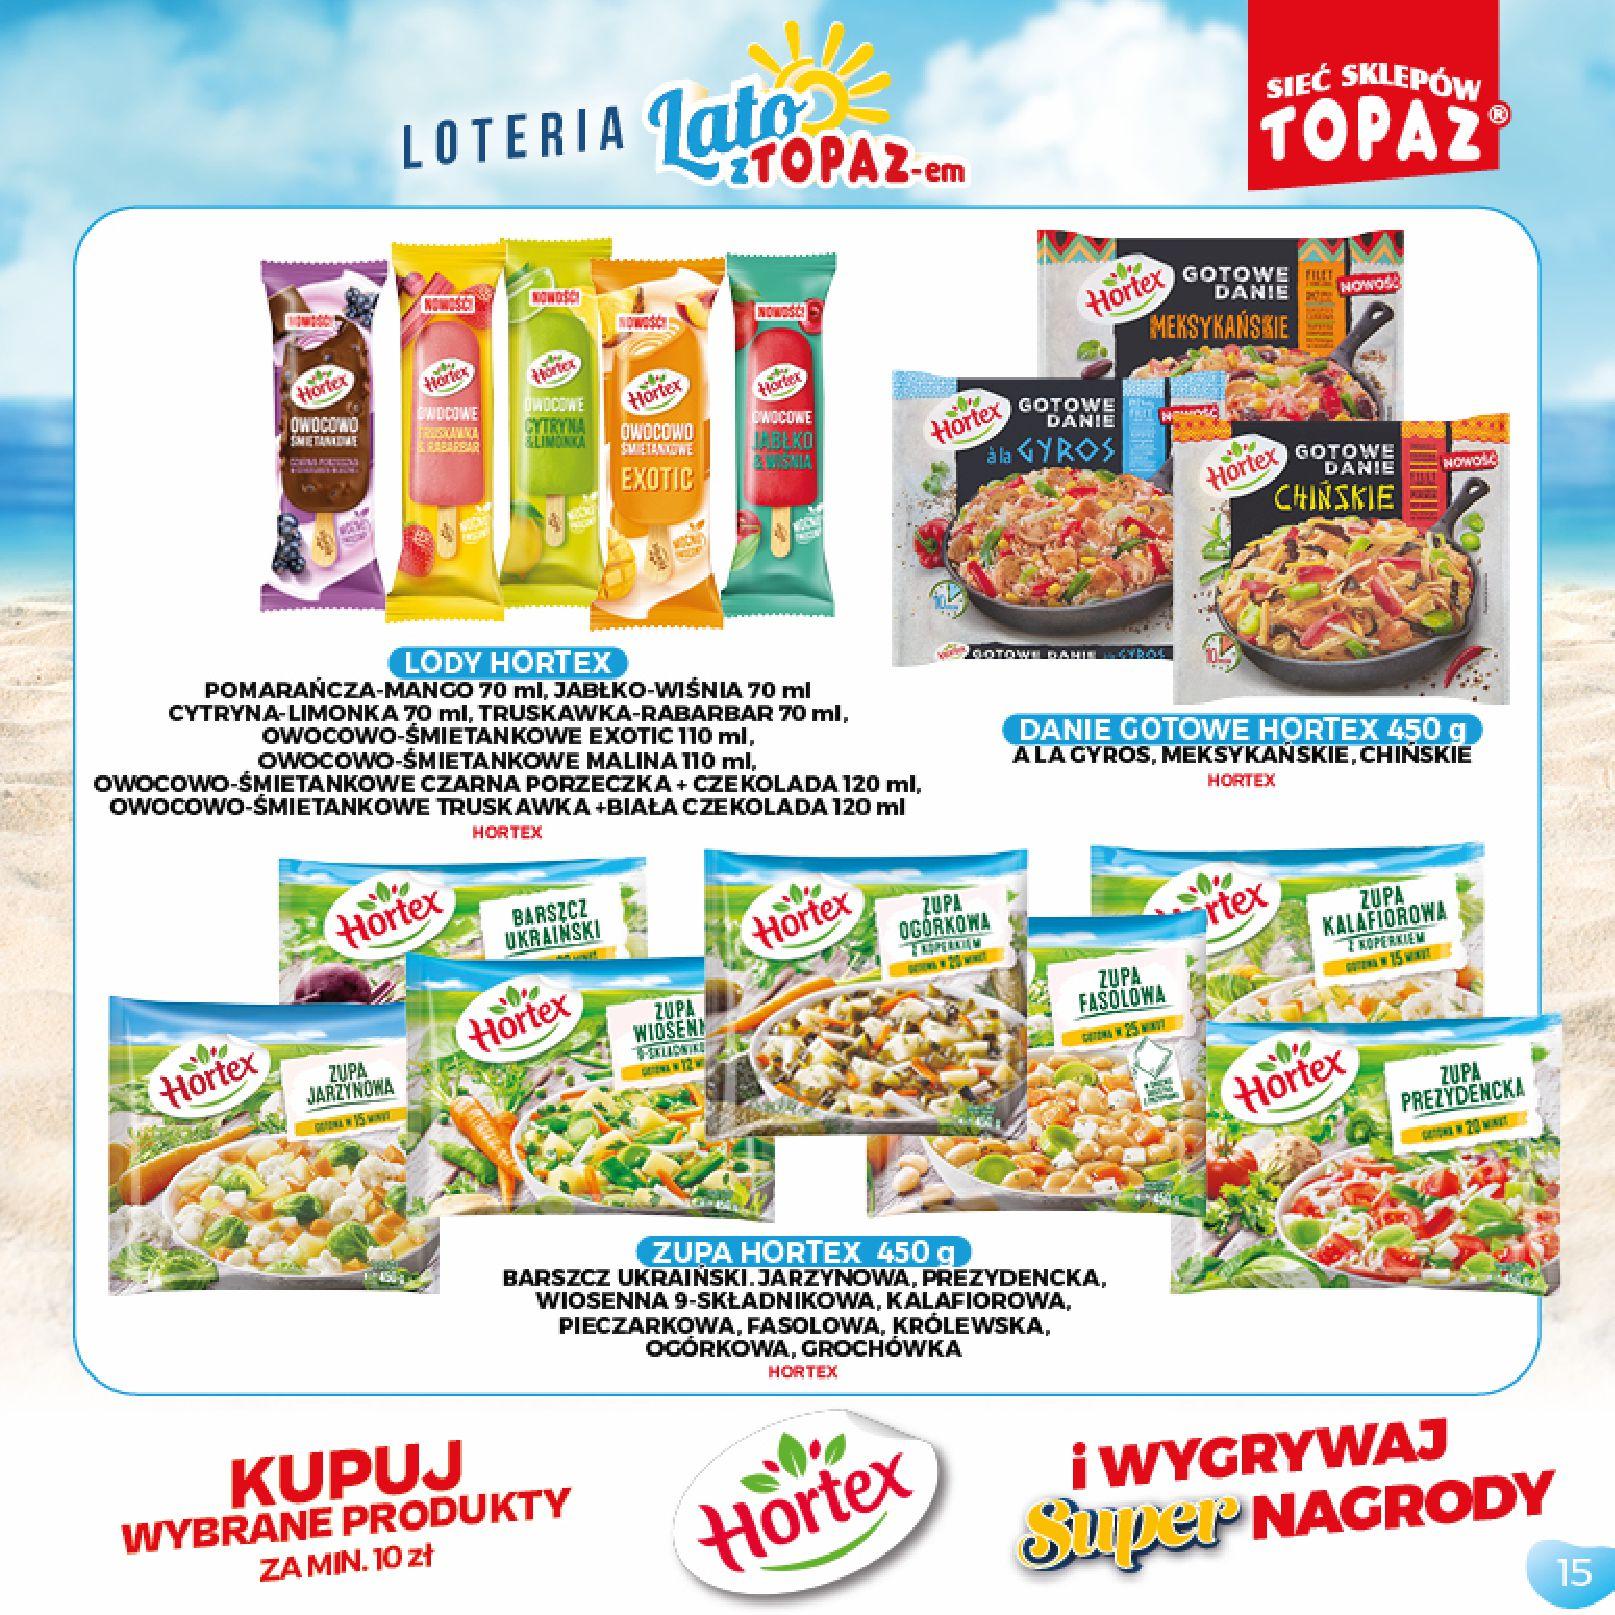 Gazetka TOPAZ: Gazetka TOPAZ - Loteria 2021-07-05 page-15